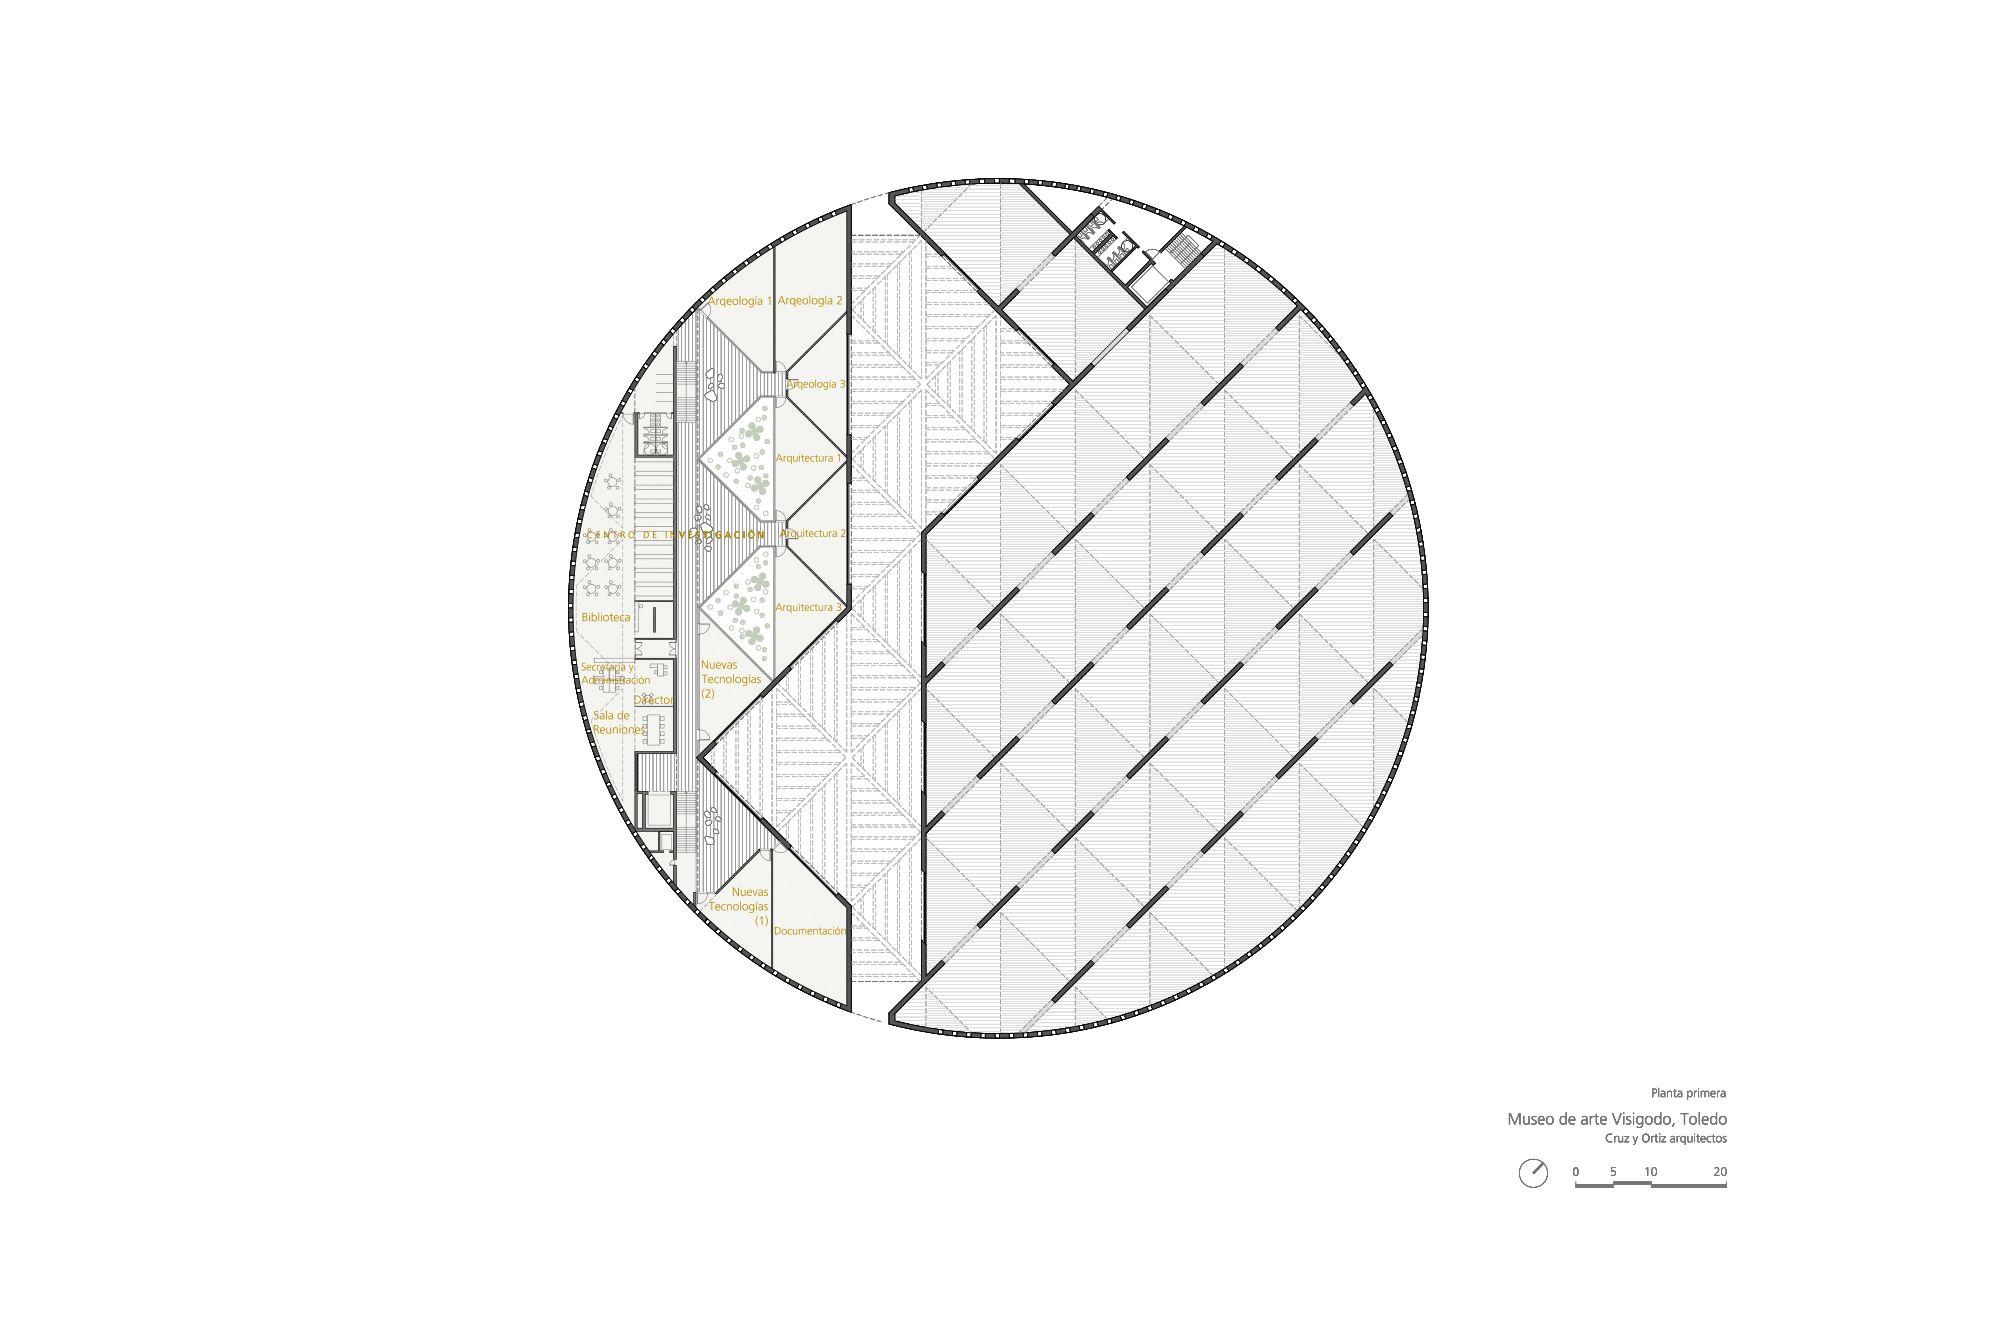 Arte_Visigodo_Toledo_Diseño-plano-Cruz-y-Ortiz-Arquitectos_CYO_11-planta-primera